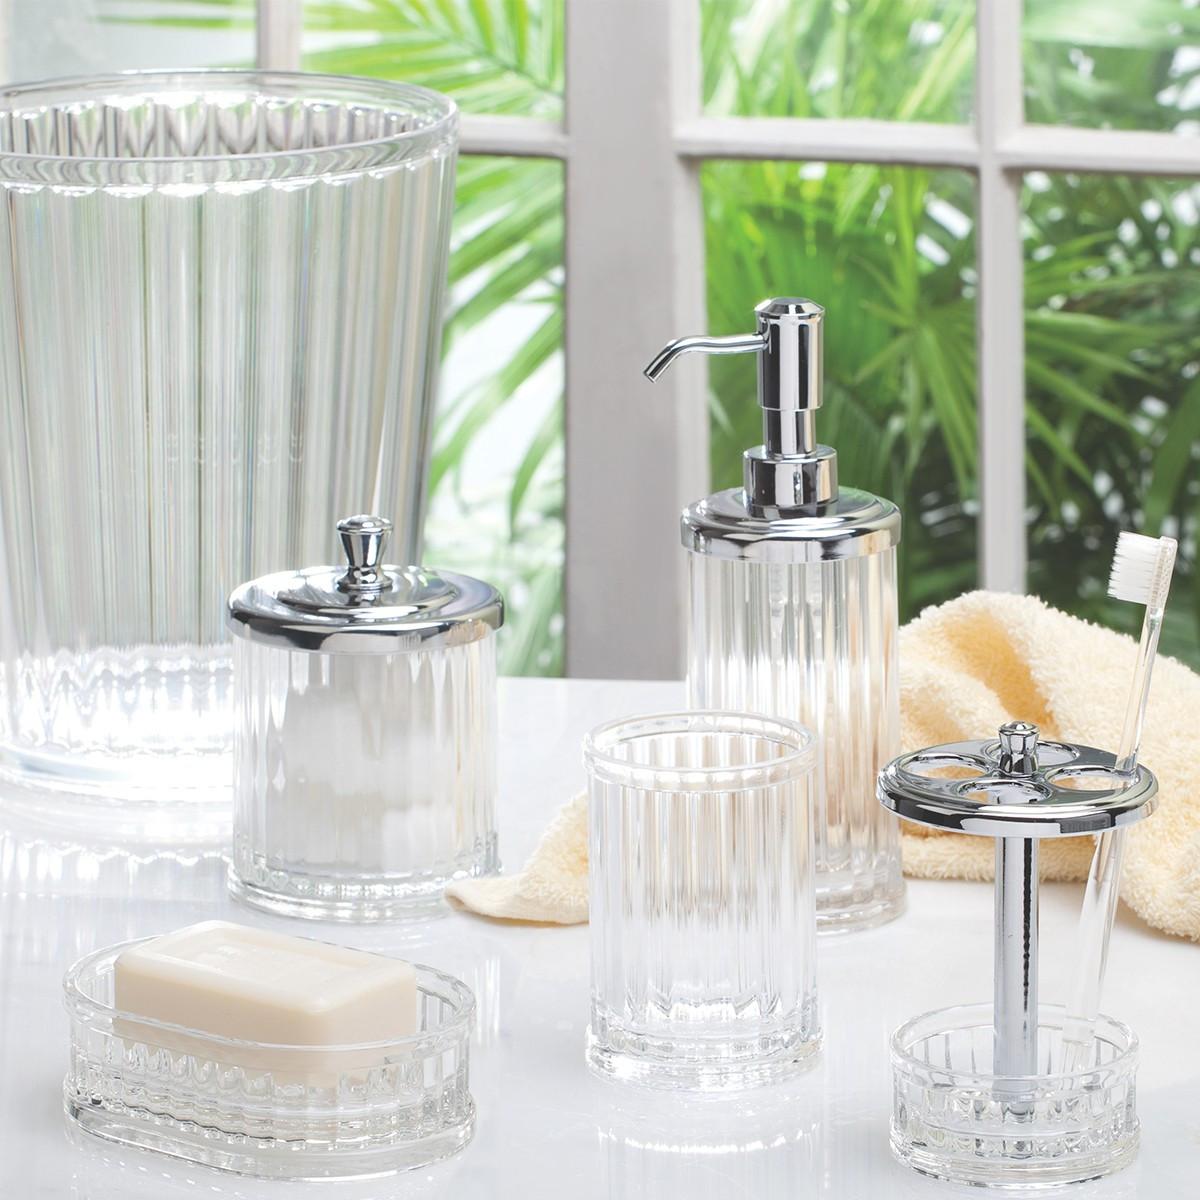 Verre dents transparent rangement salle de bain for Distributeur savon salle de bain